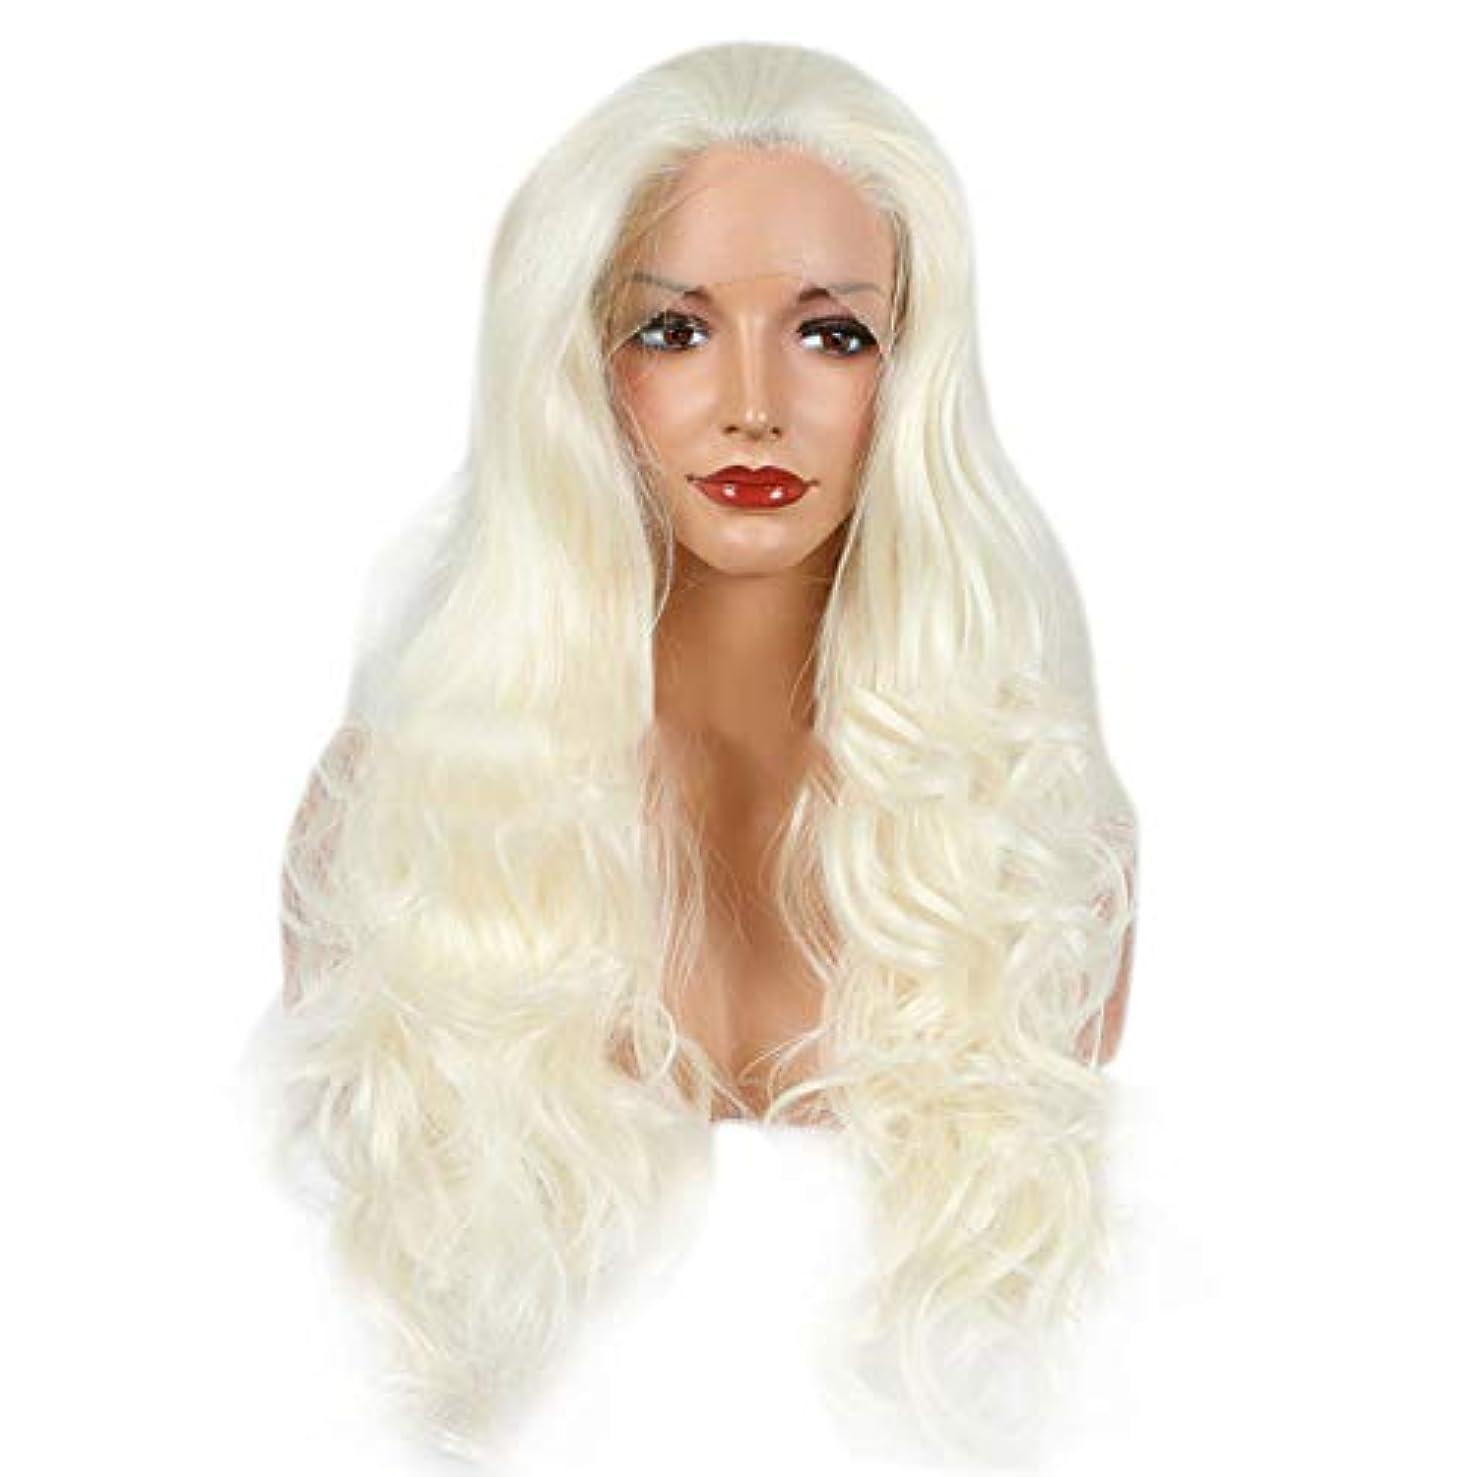 単語警告するバイオレットYOUQIU 女性ウィッグキャップカーリーヘアウィッグで女子ショートボブスタイル (色 : Cremy-white)